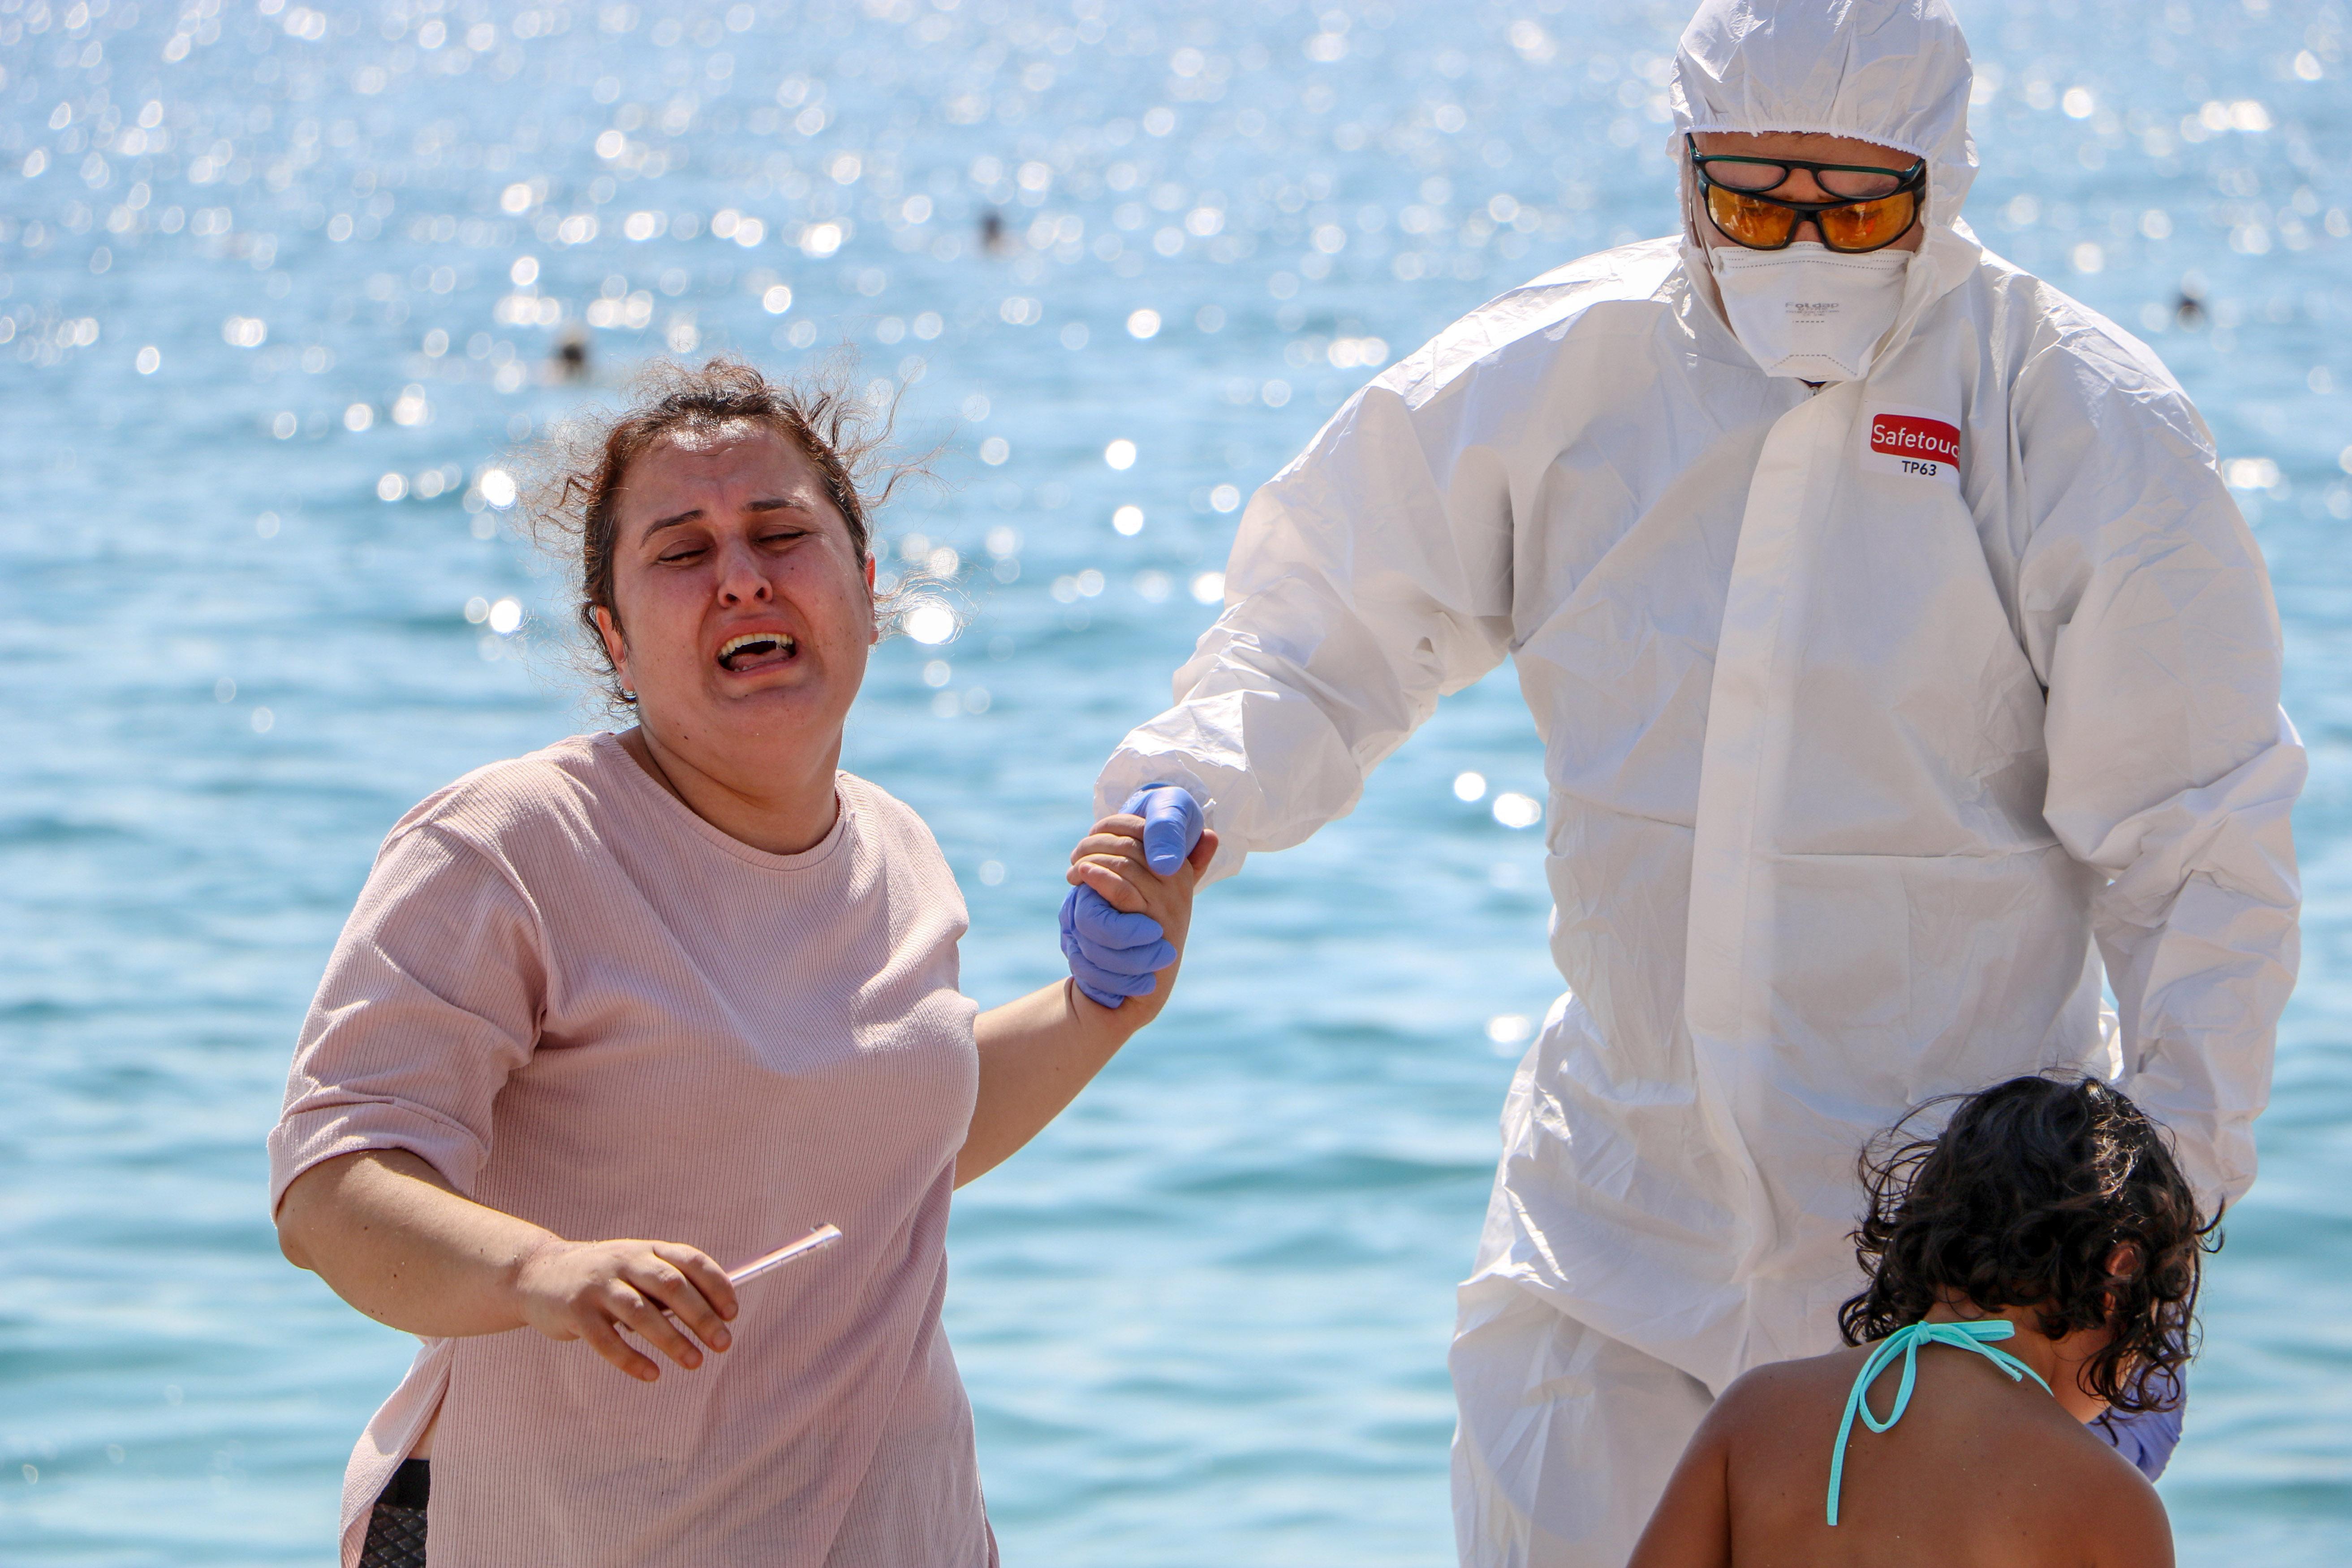 sahilde-olmek-istemiyorum-diye-aglayan-kadin-koronaviruslu-cikti-6844-dhaphoto10.jpg